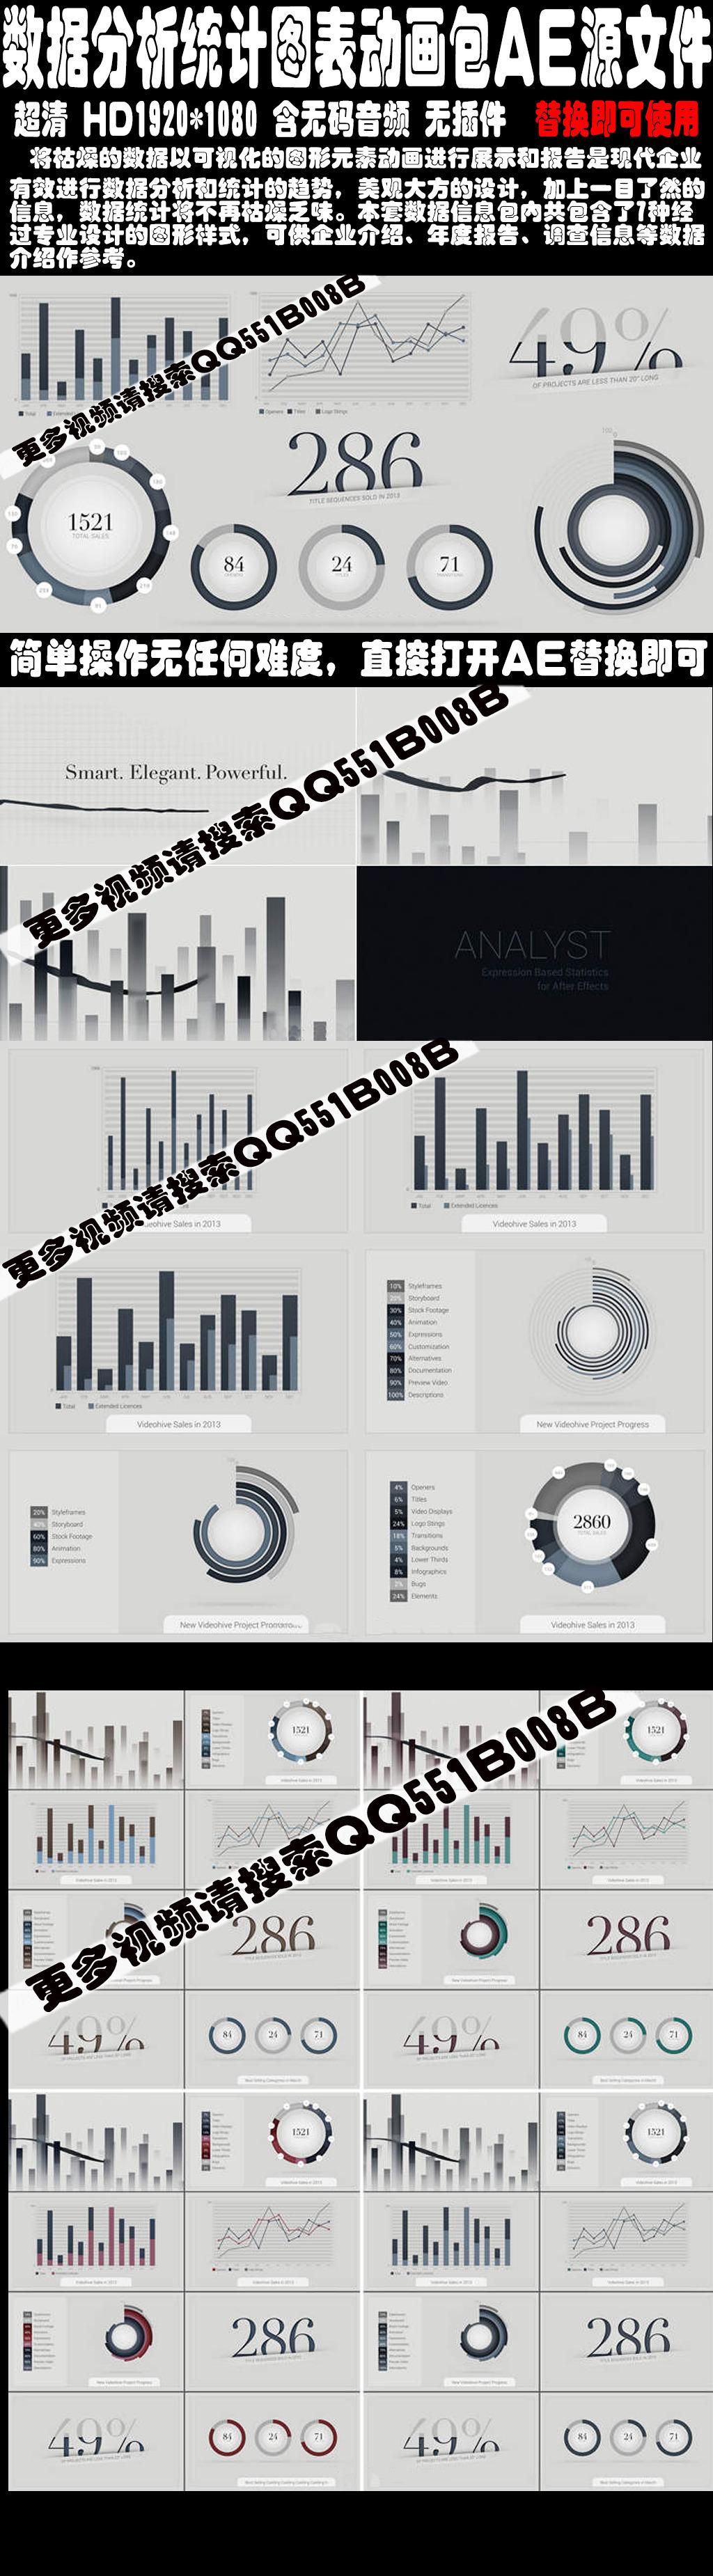 数据分析统计图表动画包ae源文件模板下载